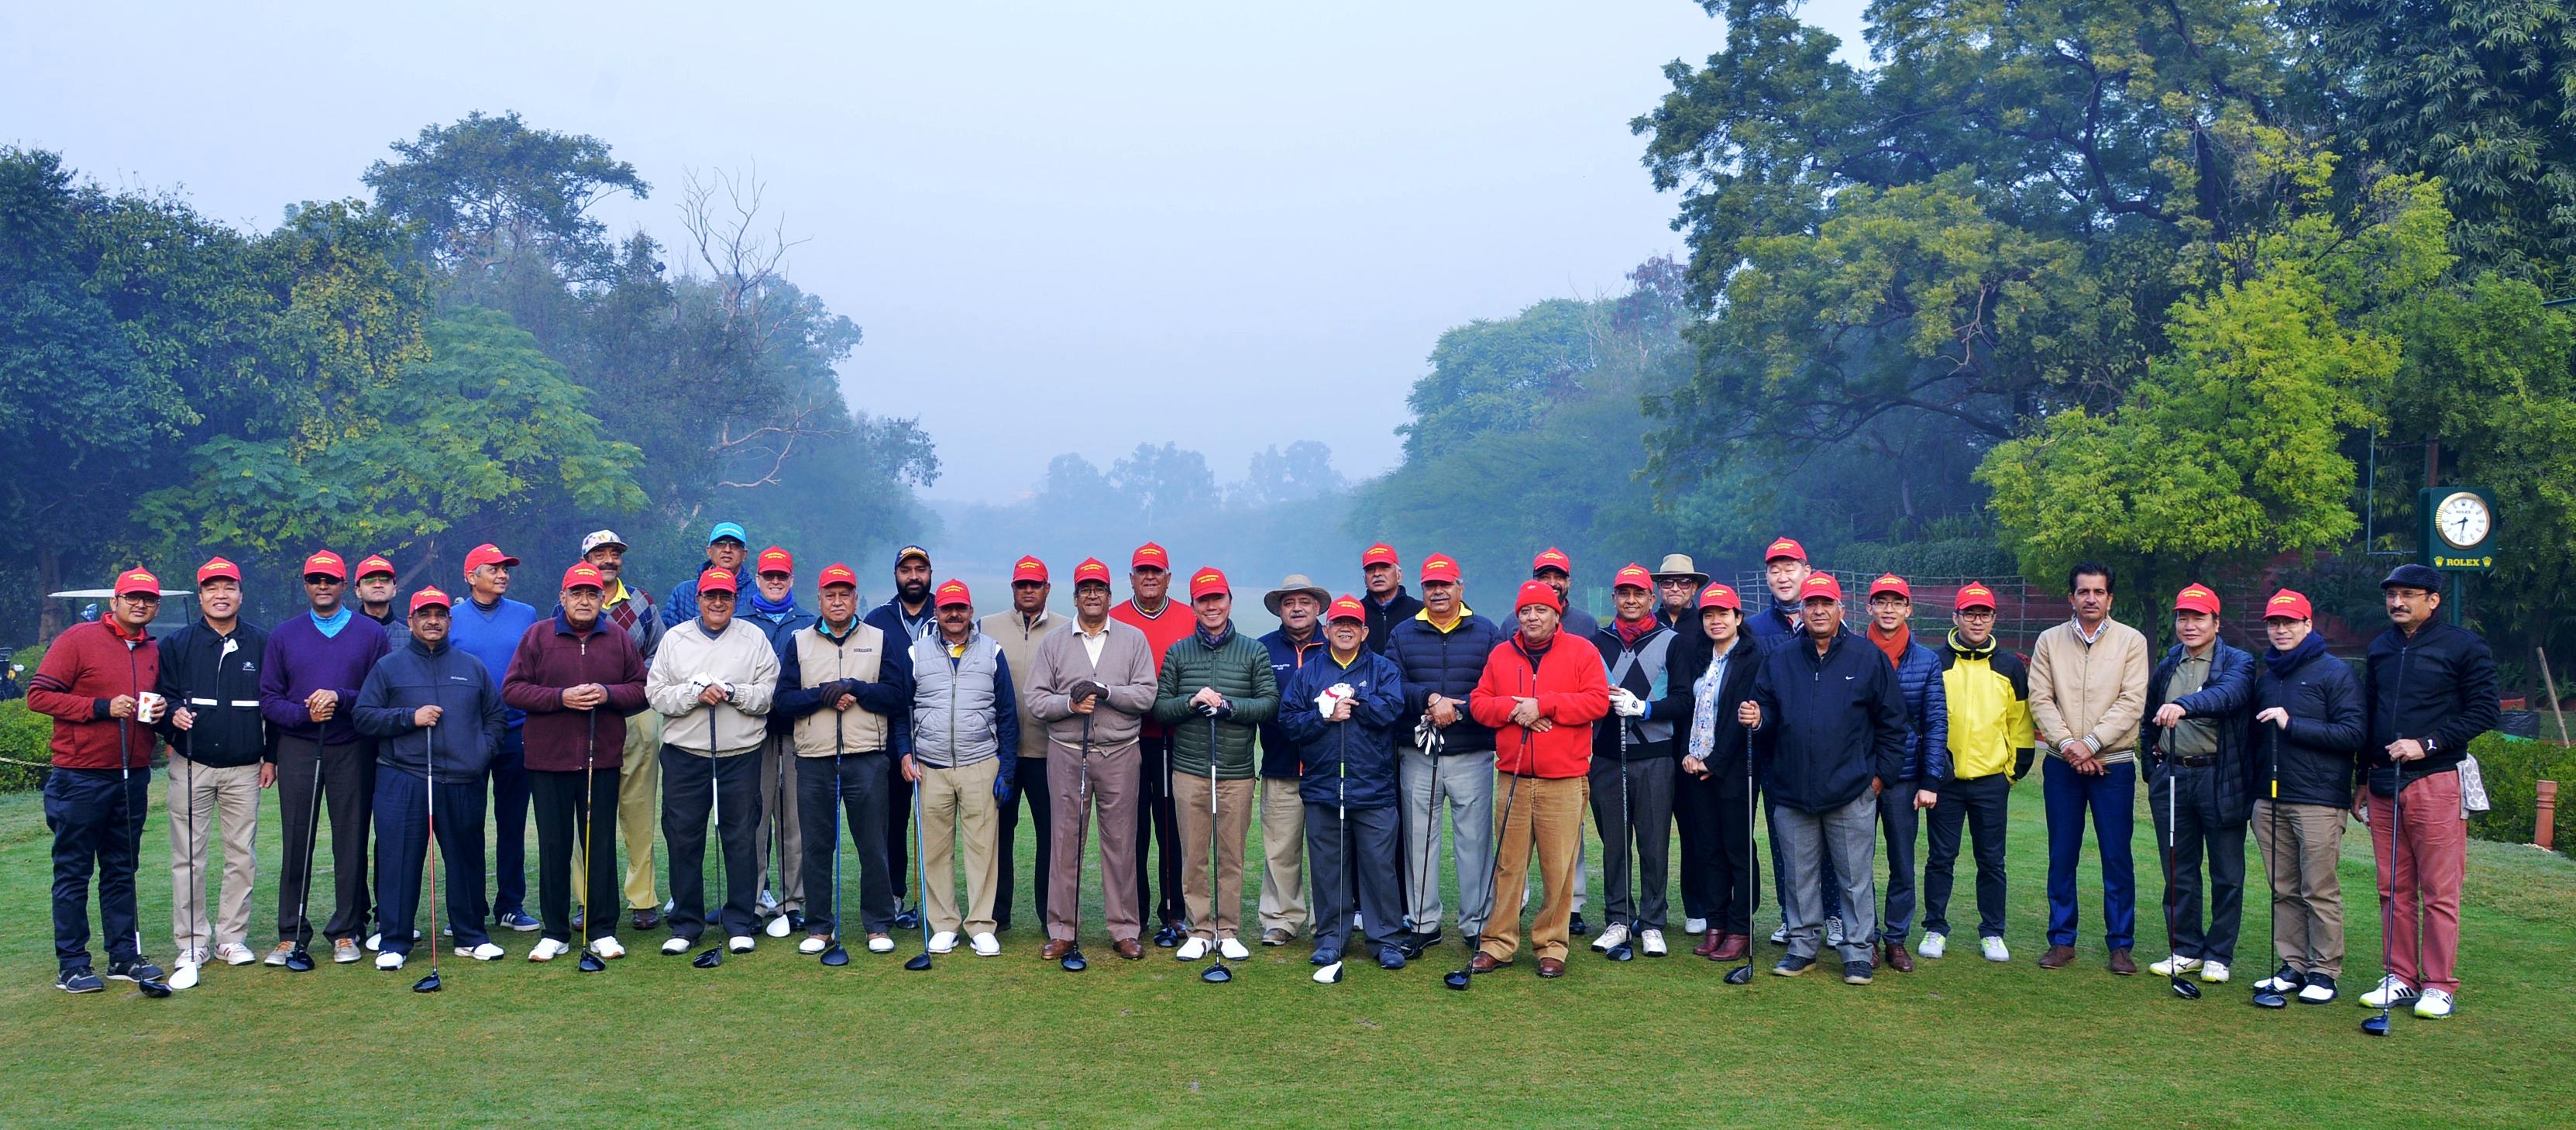 Giải Golf  Đại sứ Việt Nam 2018 lần đầu tiên diễn ra tại Ấn Độ